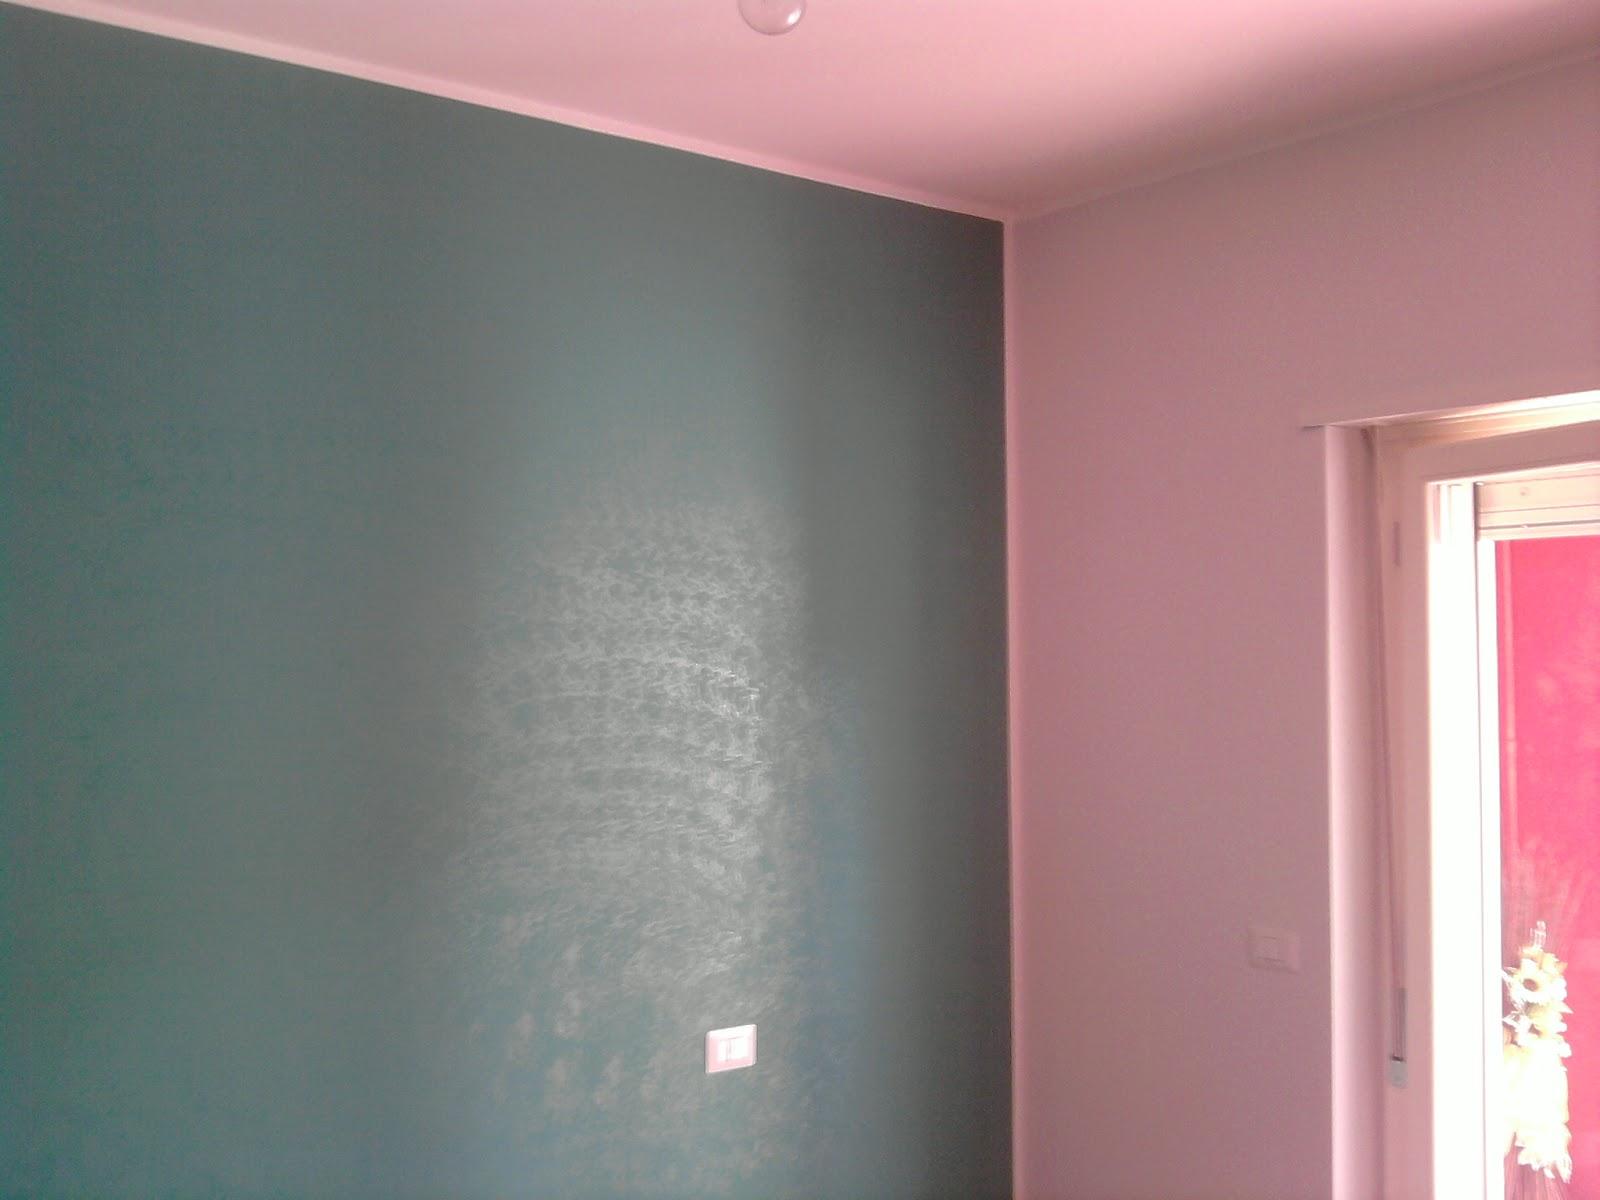 Duemme Pitture Edili di Max Giudici : Abbinamento di colori: Rosa Antico e Seppia